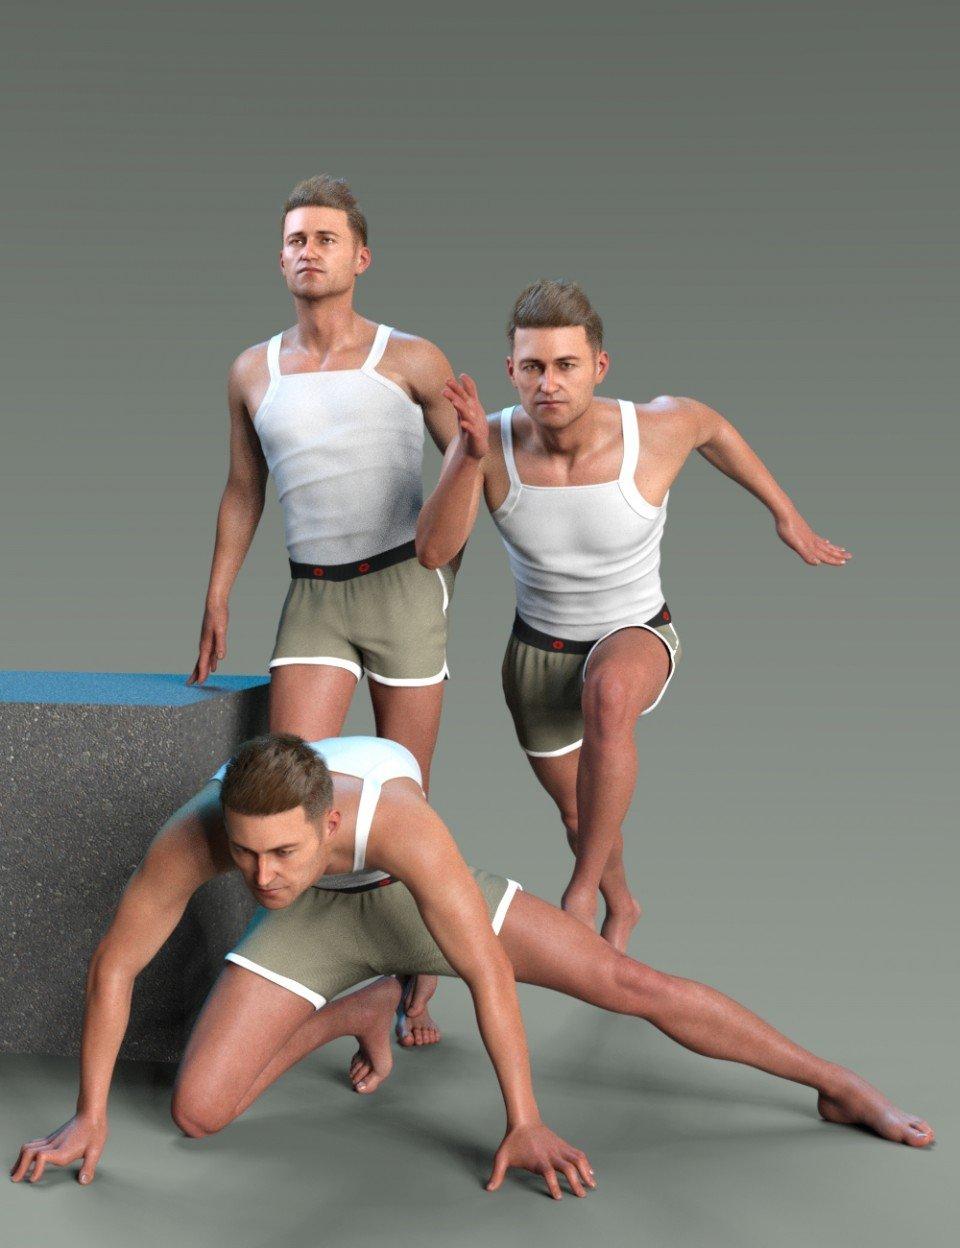 Dangerous Poses for Jonathan 8_DAZ3D下载站